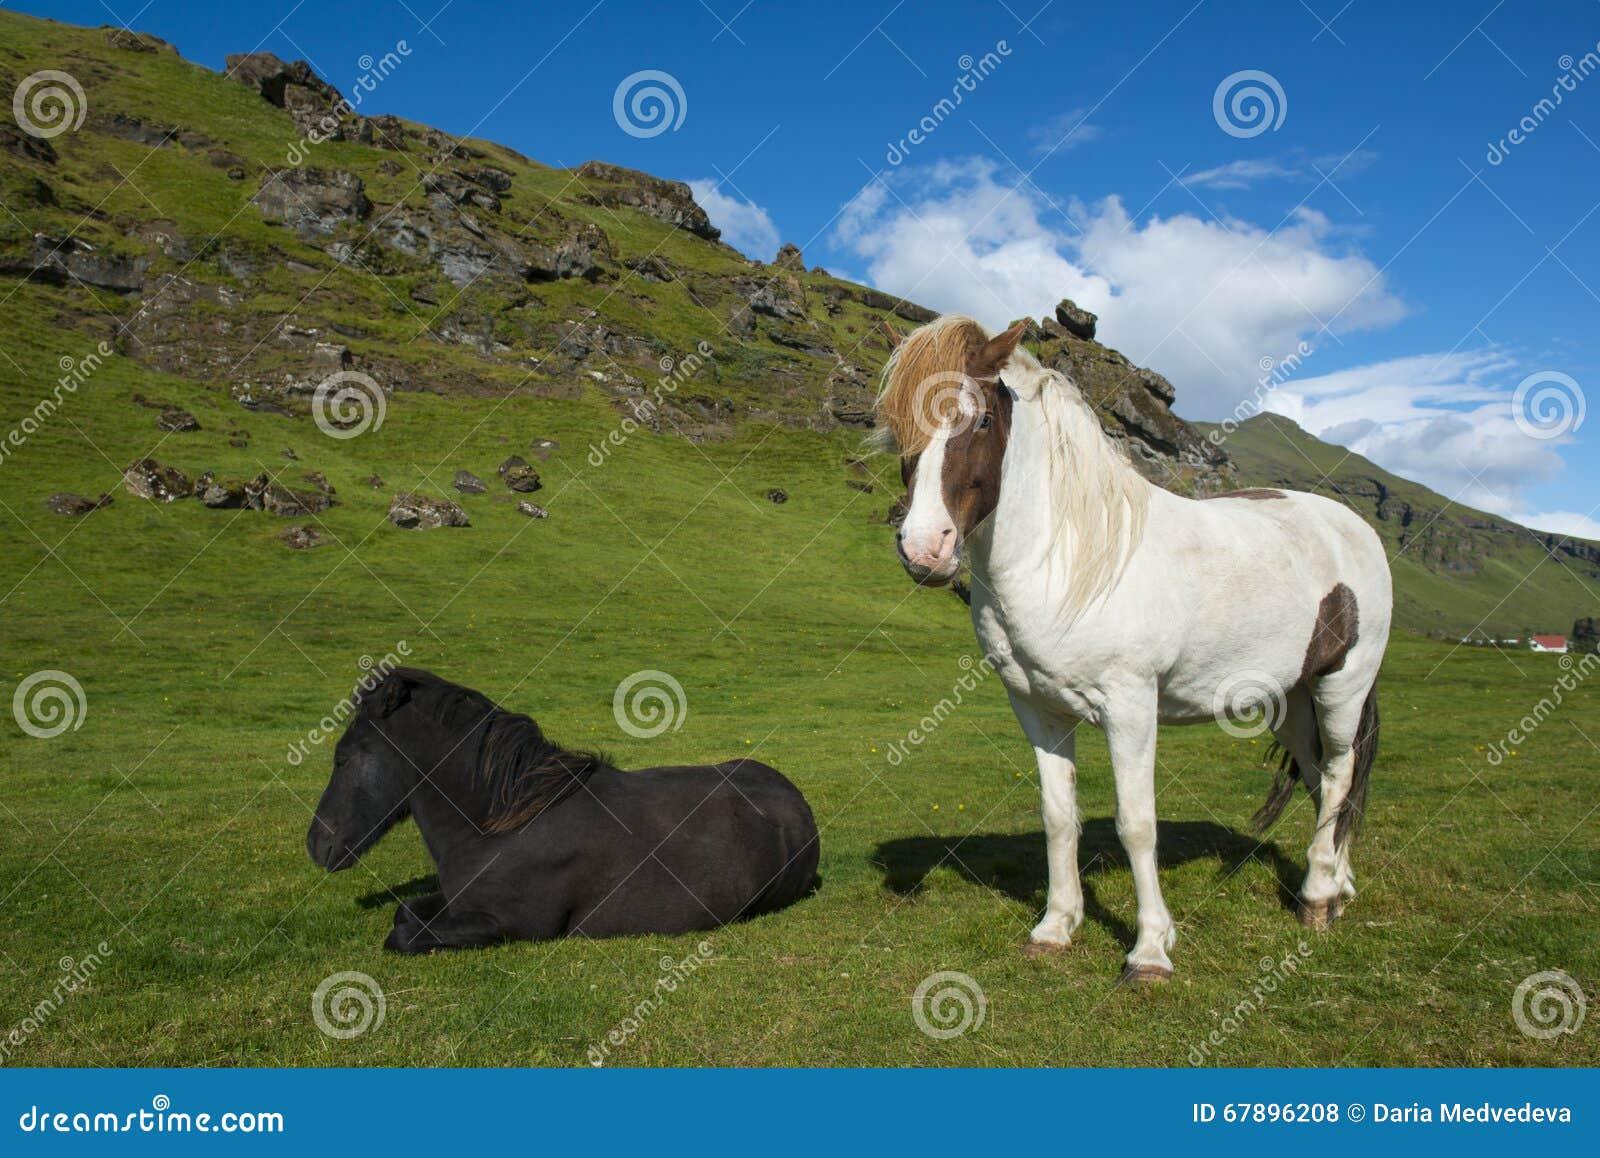 站立和放置冰岛马在与蓝天和青山的自然本底